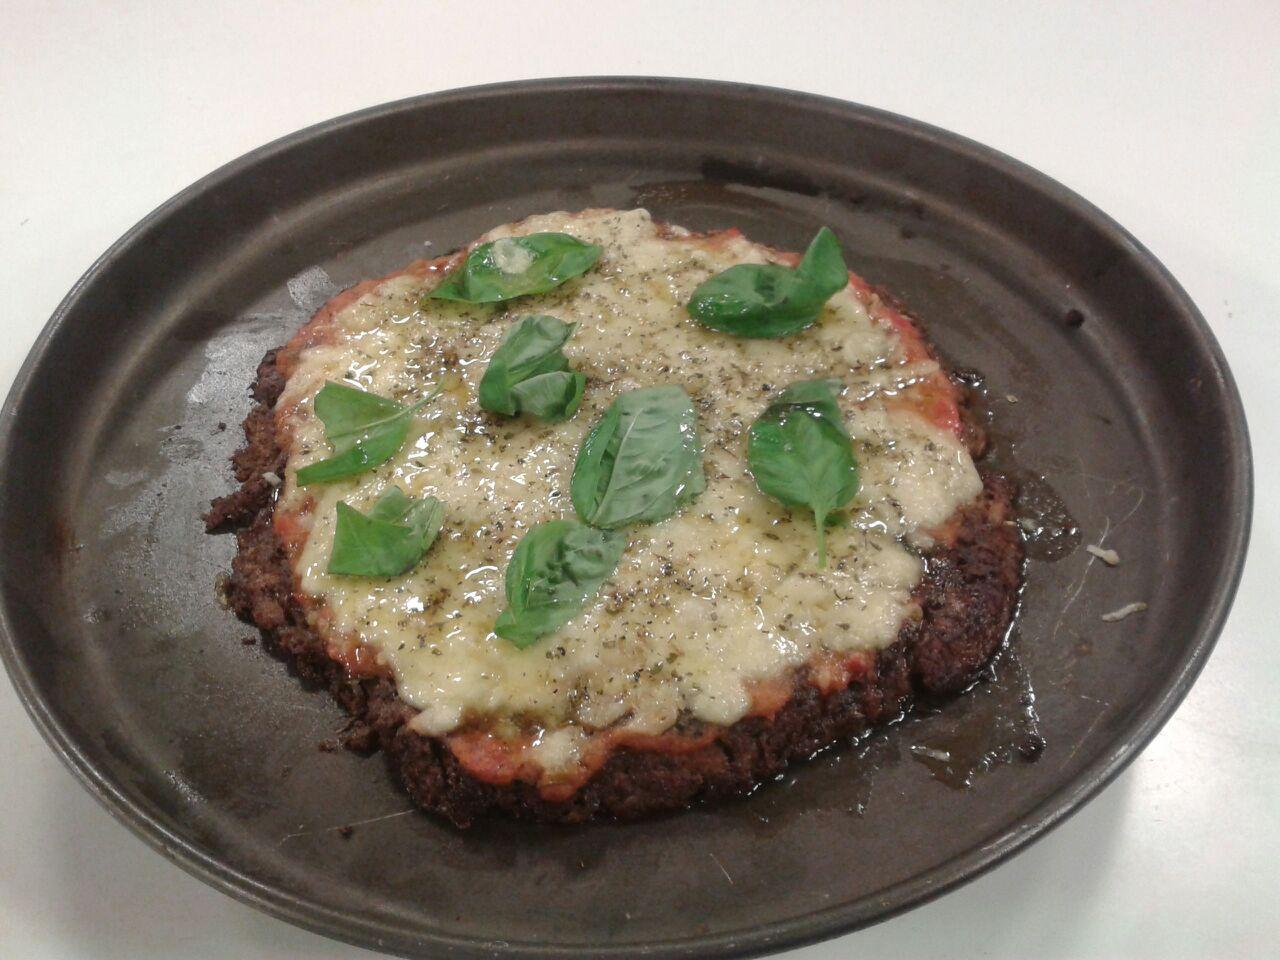 Una pizza vegetariana en toda regla, y con un aspecto delicioso